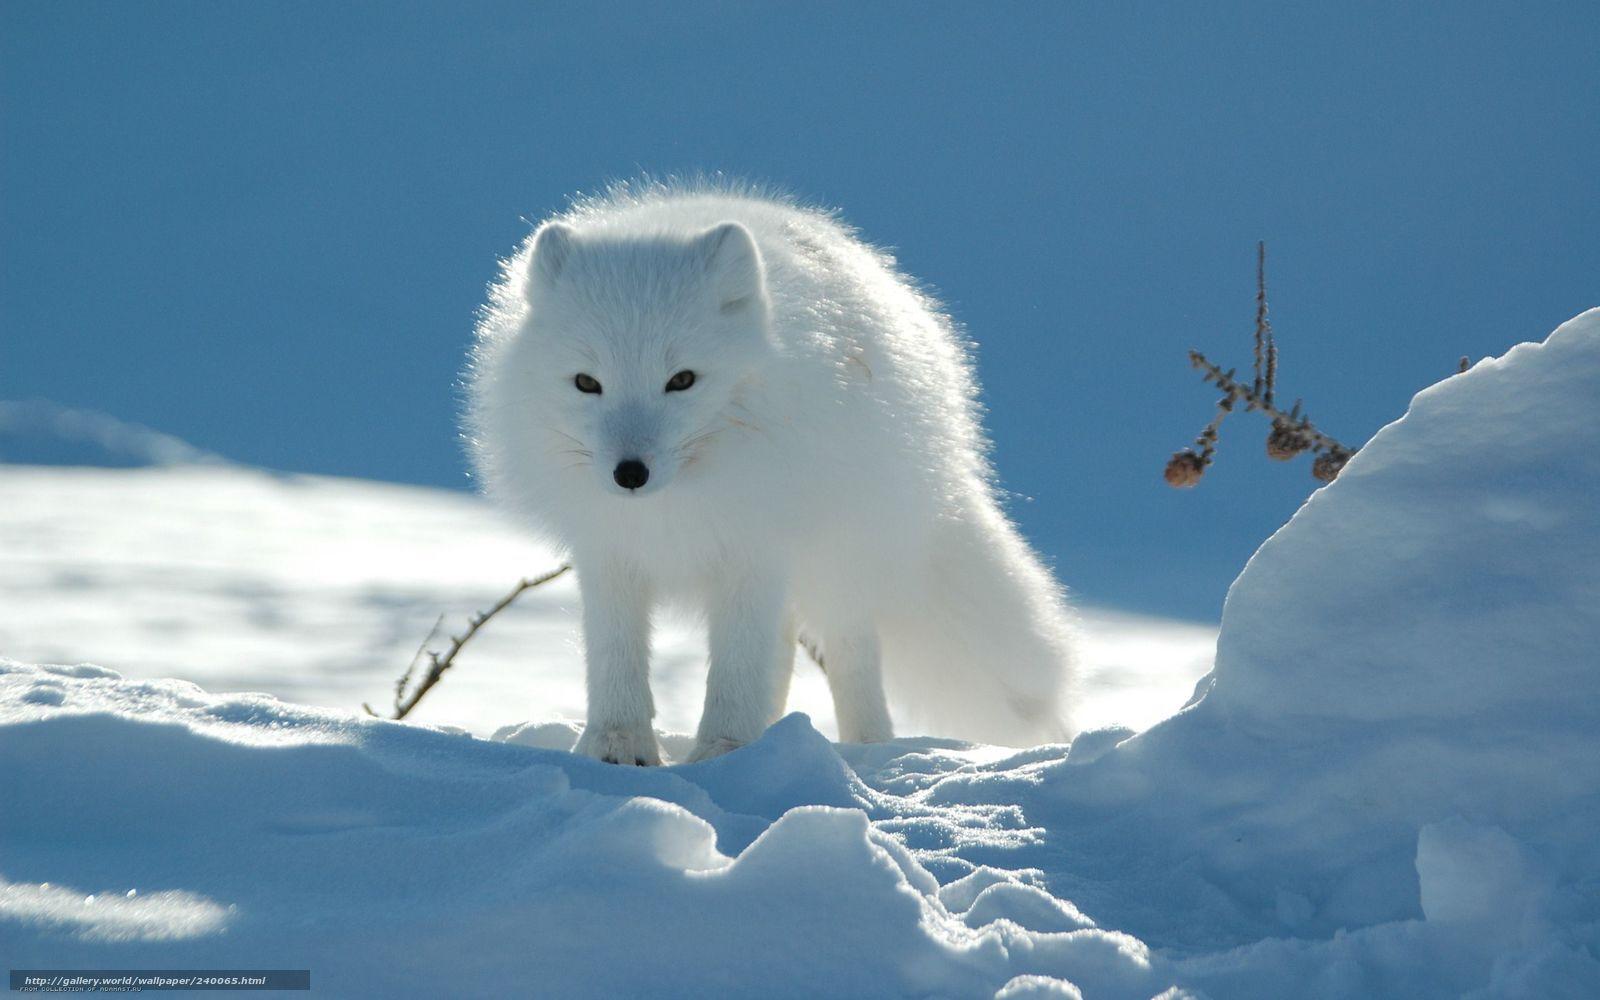 Tlcharger Fond D Ecran Le Renard Arctique Hiver Animal Fonds D Ecran Gratuits Pour Votre Rsolu Animaux Les Plus Mignons Photographie Animaliere Animaux Beaux